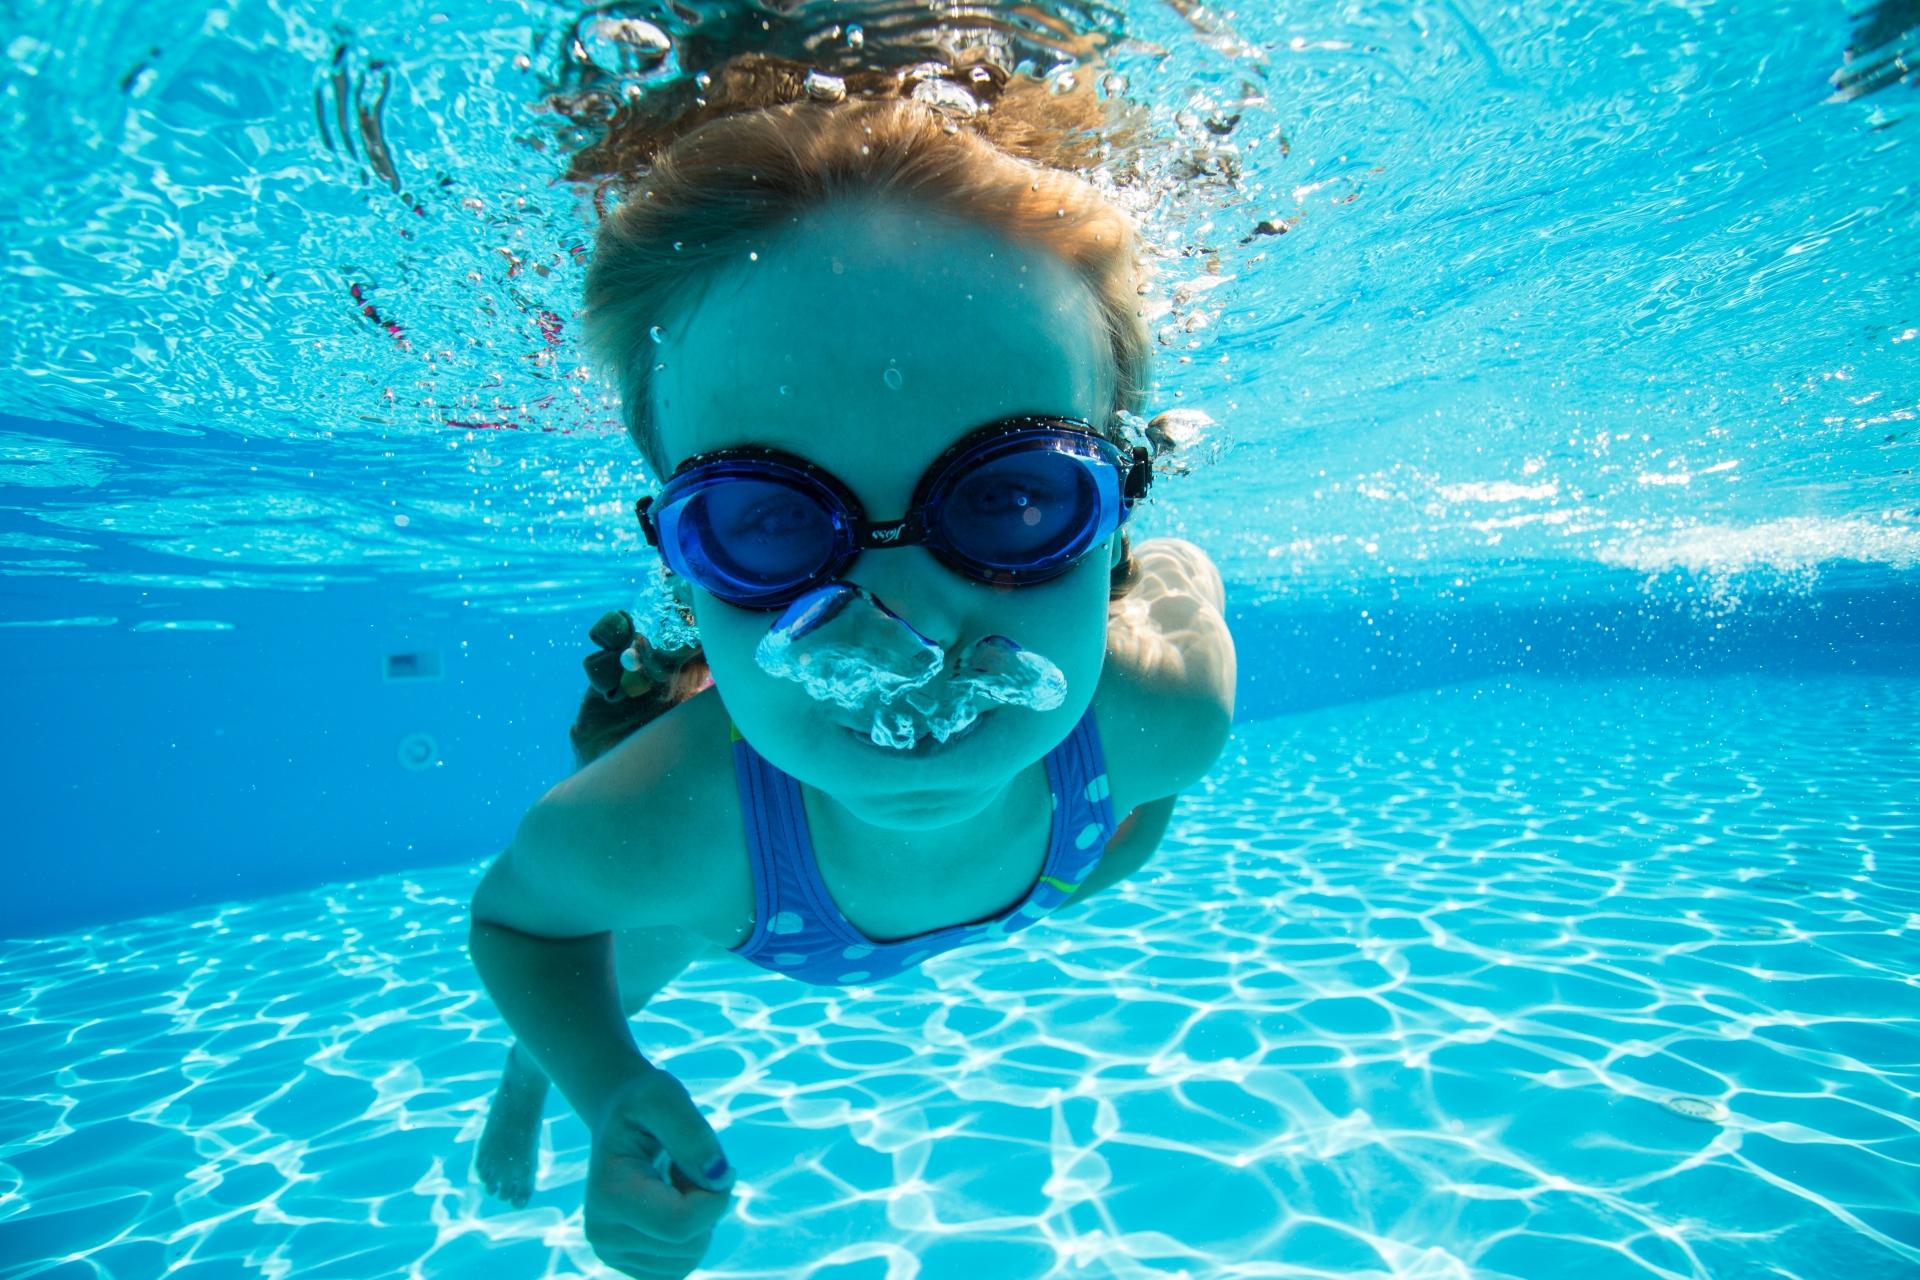 水泳の記録が伸びない原因を探し練習方法を見直すヒント